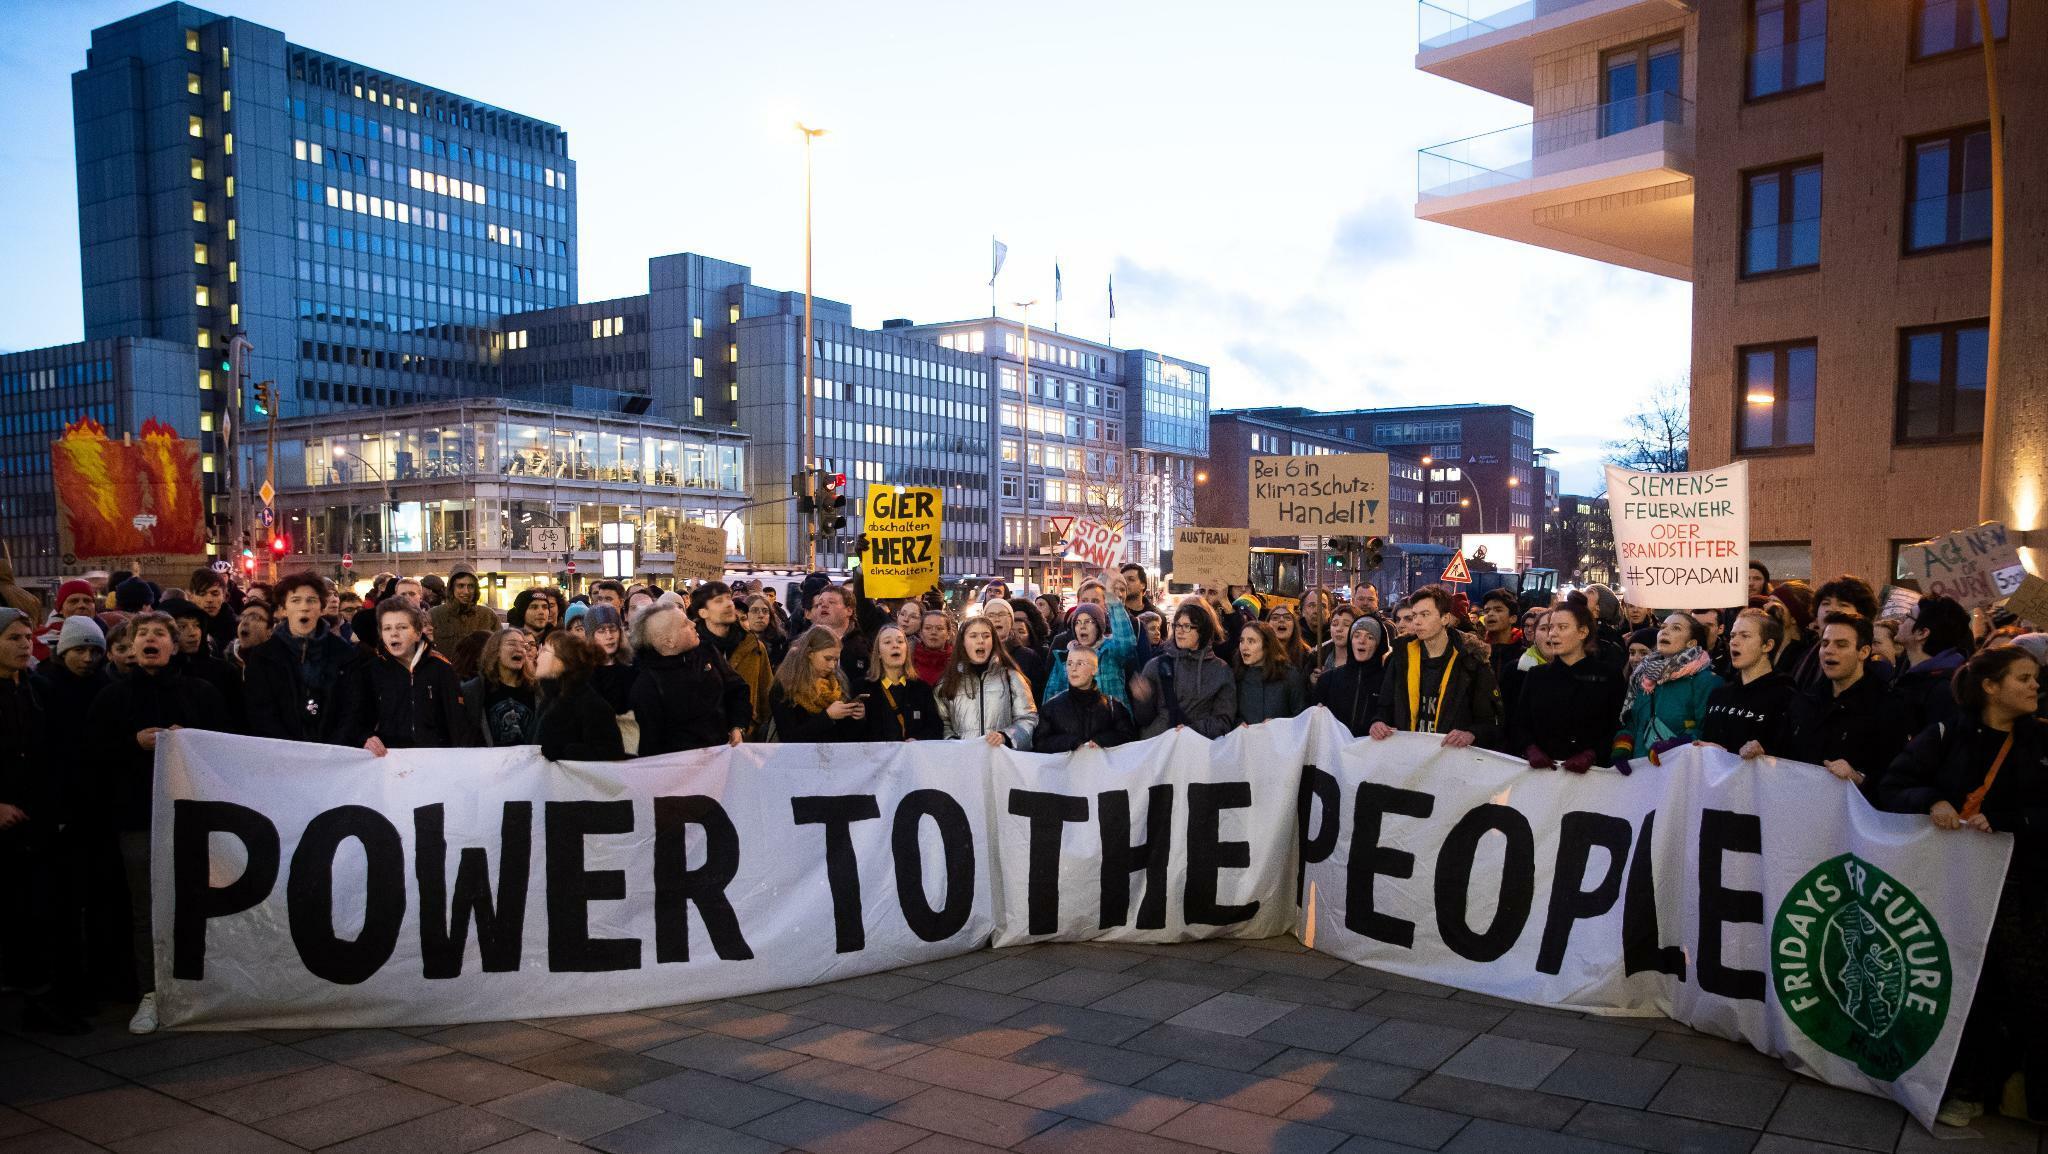 Umweltdebatte: Diese Branchen trifft die Macht der Ökoaktivisten